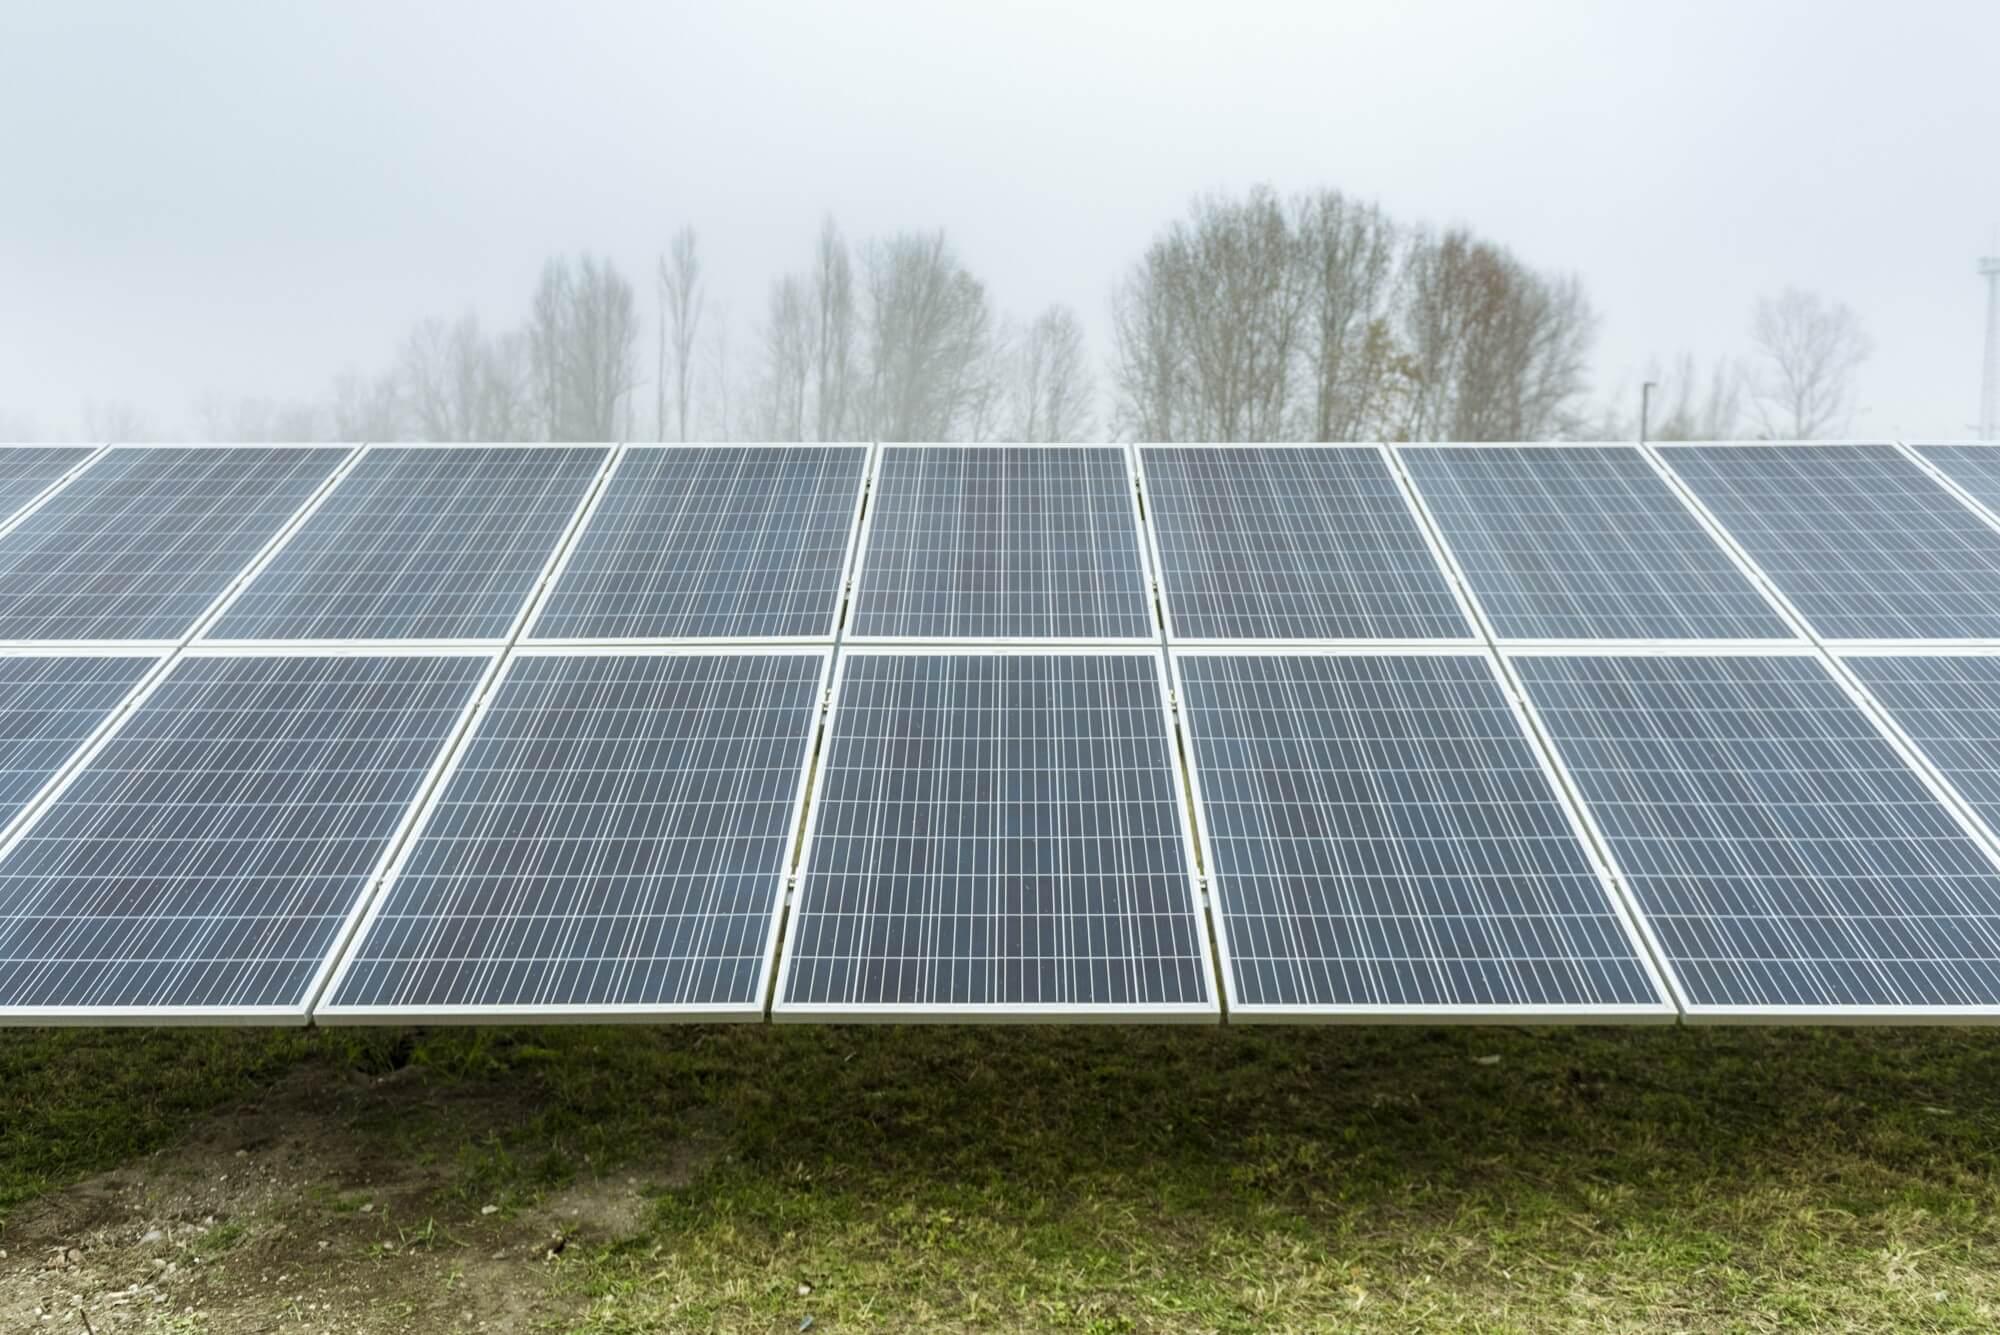 52 milliárdos épületenergetikai pályázati keretet jelentettek be